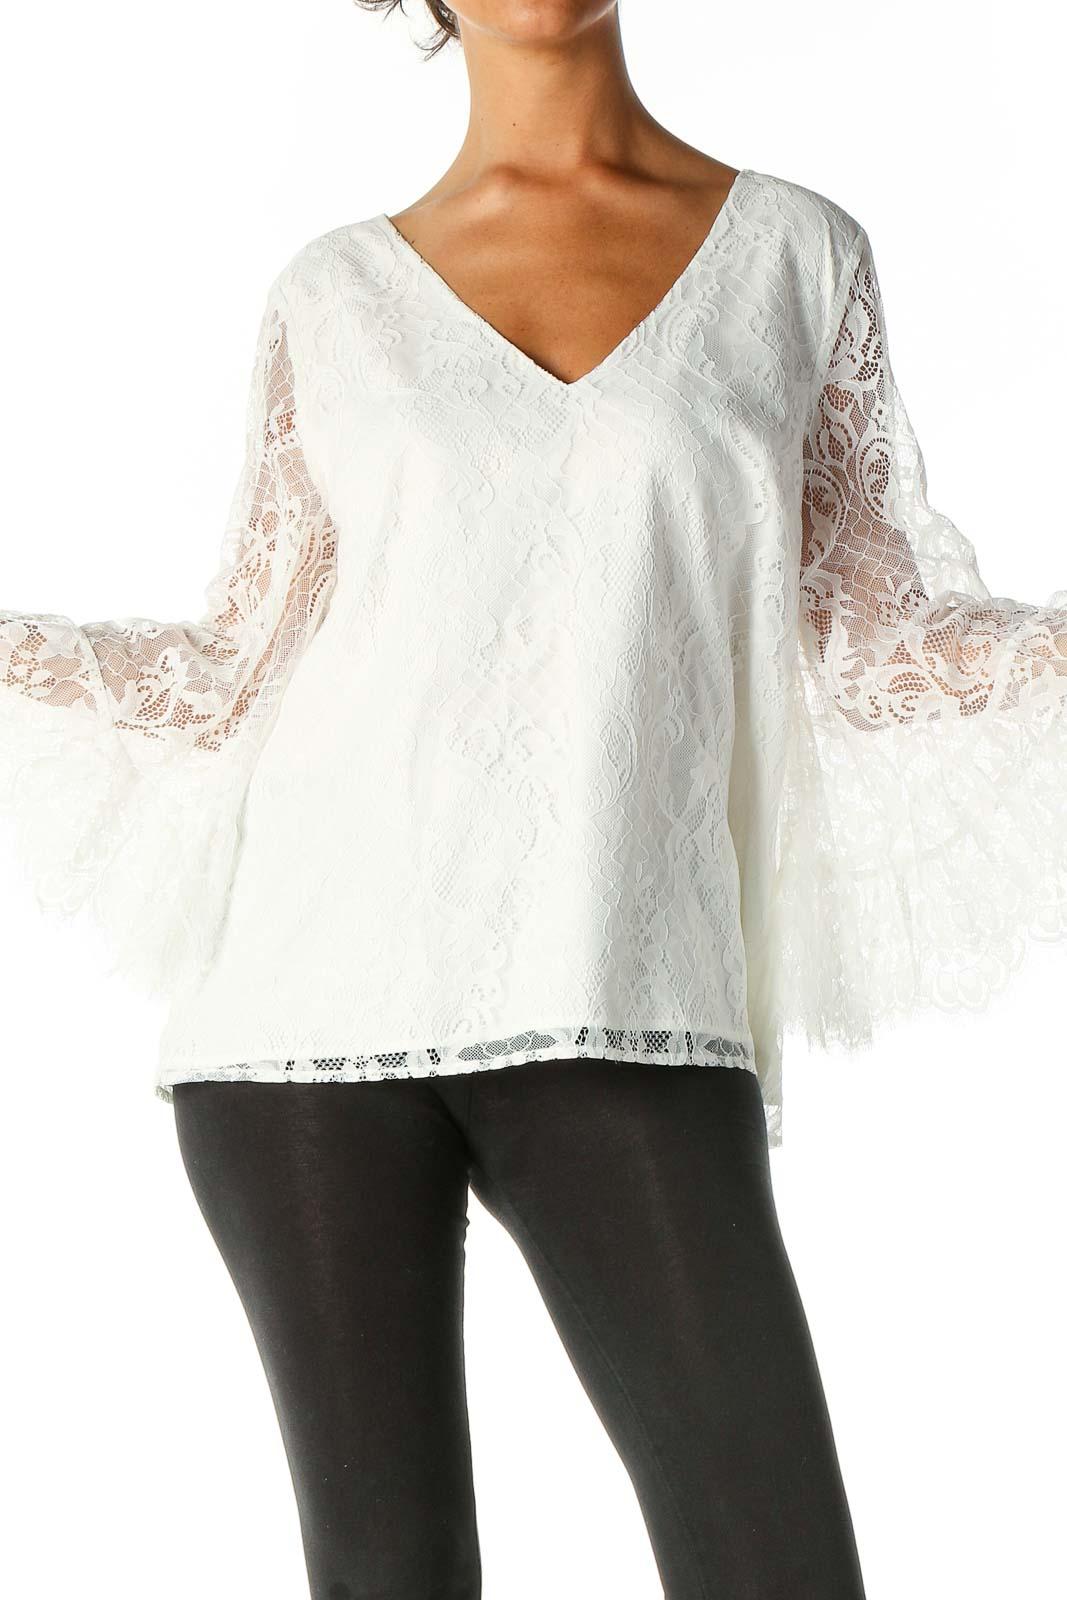 White Lace Retro Blouse Front